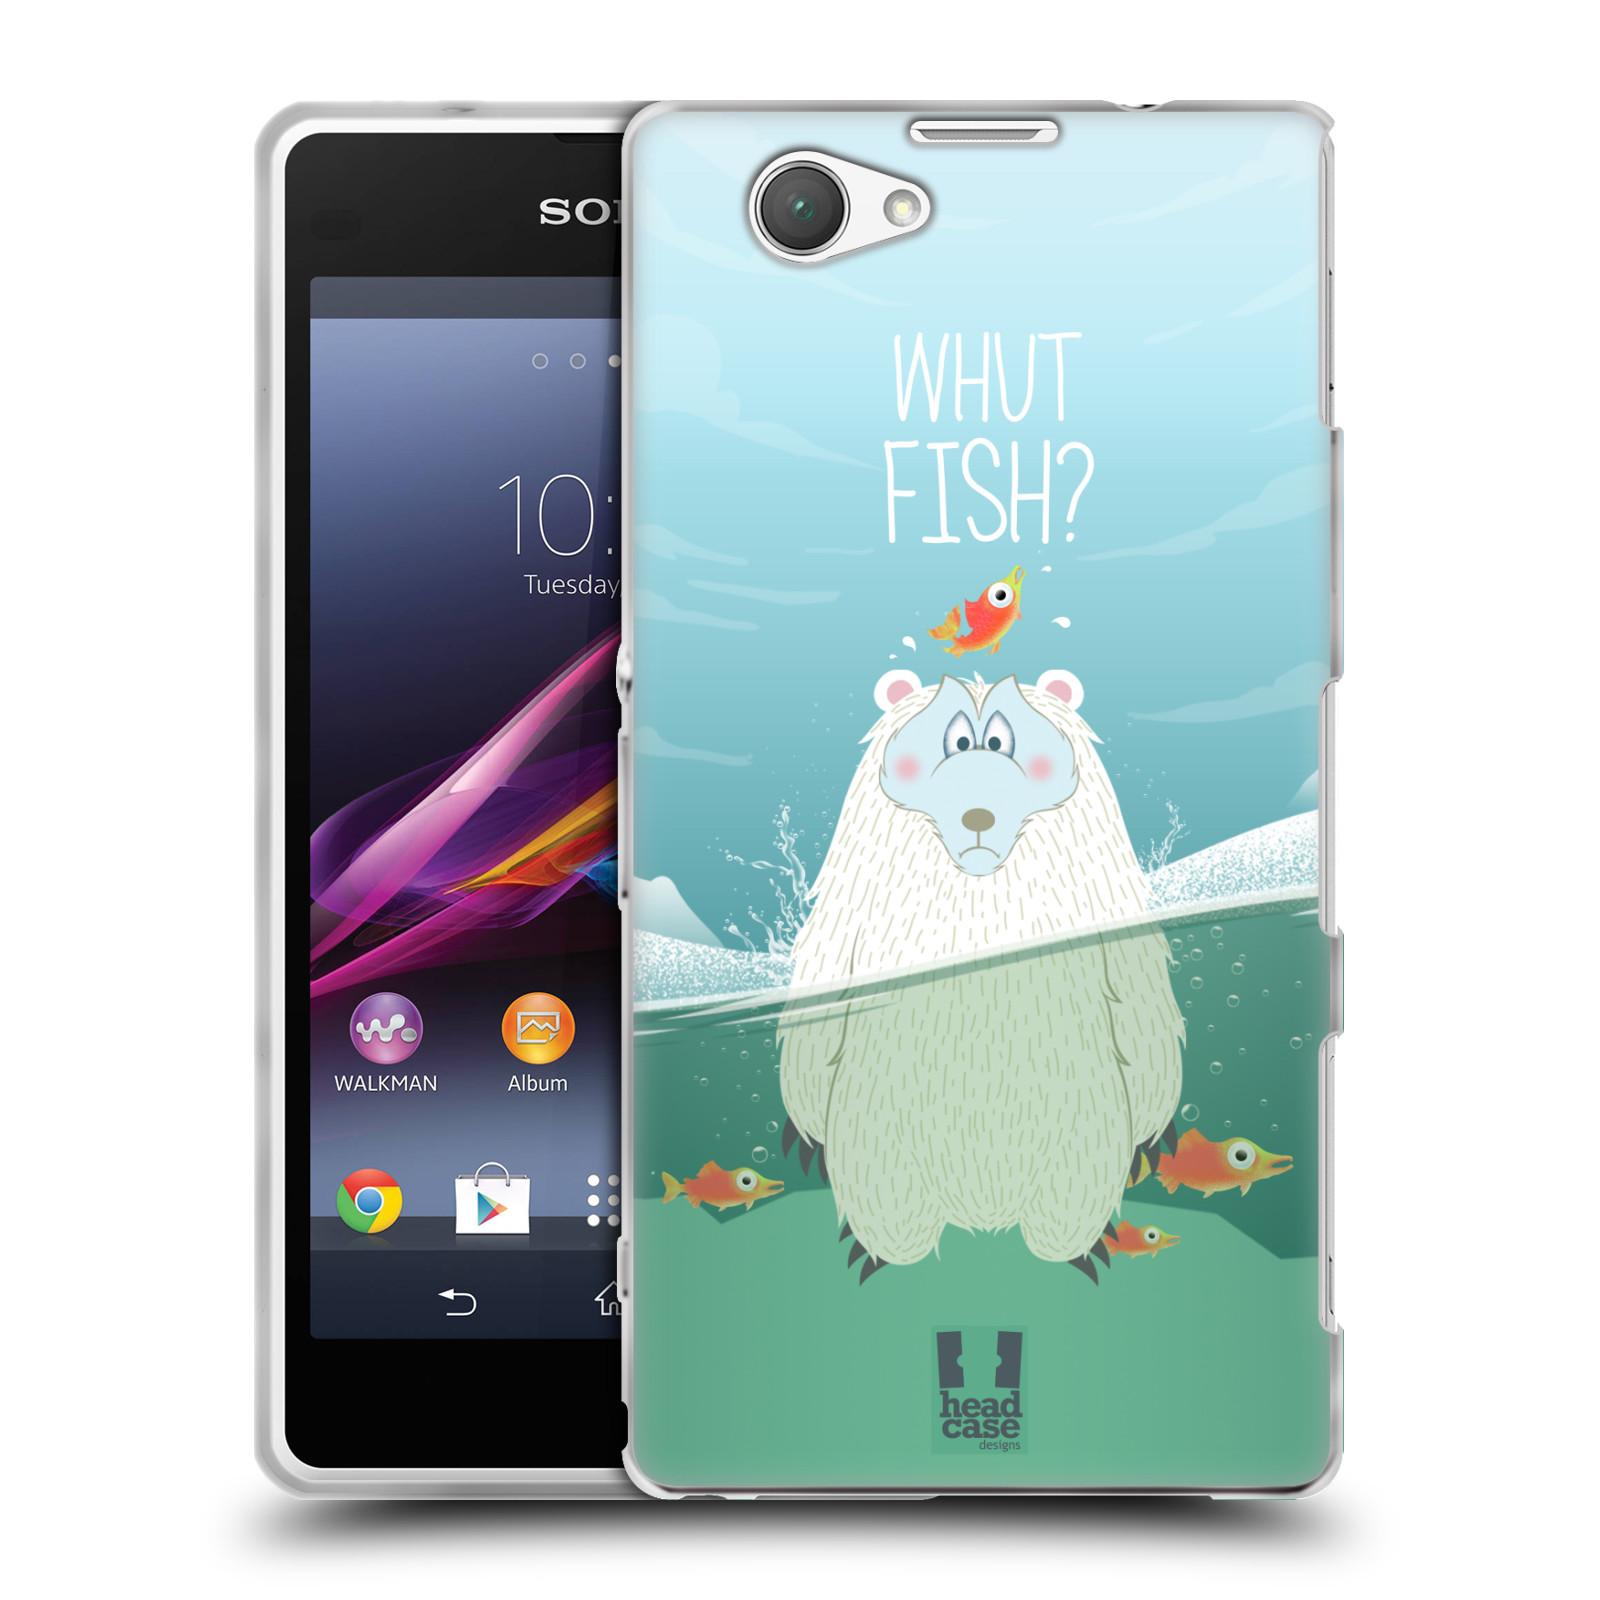 Silikonové pouzdro na mobil Sony Xperia Z1 Compact D5503 HEAD CASE Medvěd Whut Fish? (Silikonový kryt či obal na mobilní telefon Sony Xperia Z1 Compact)